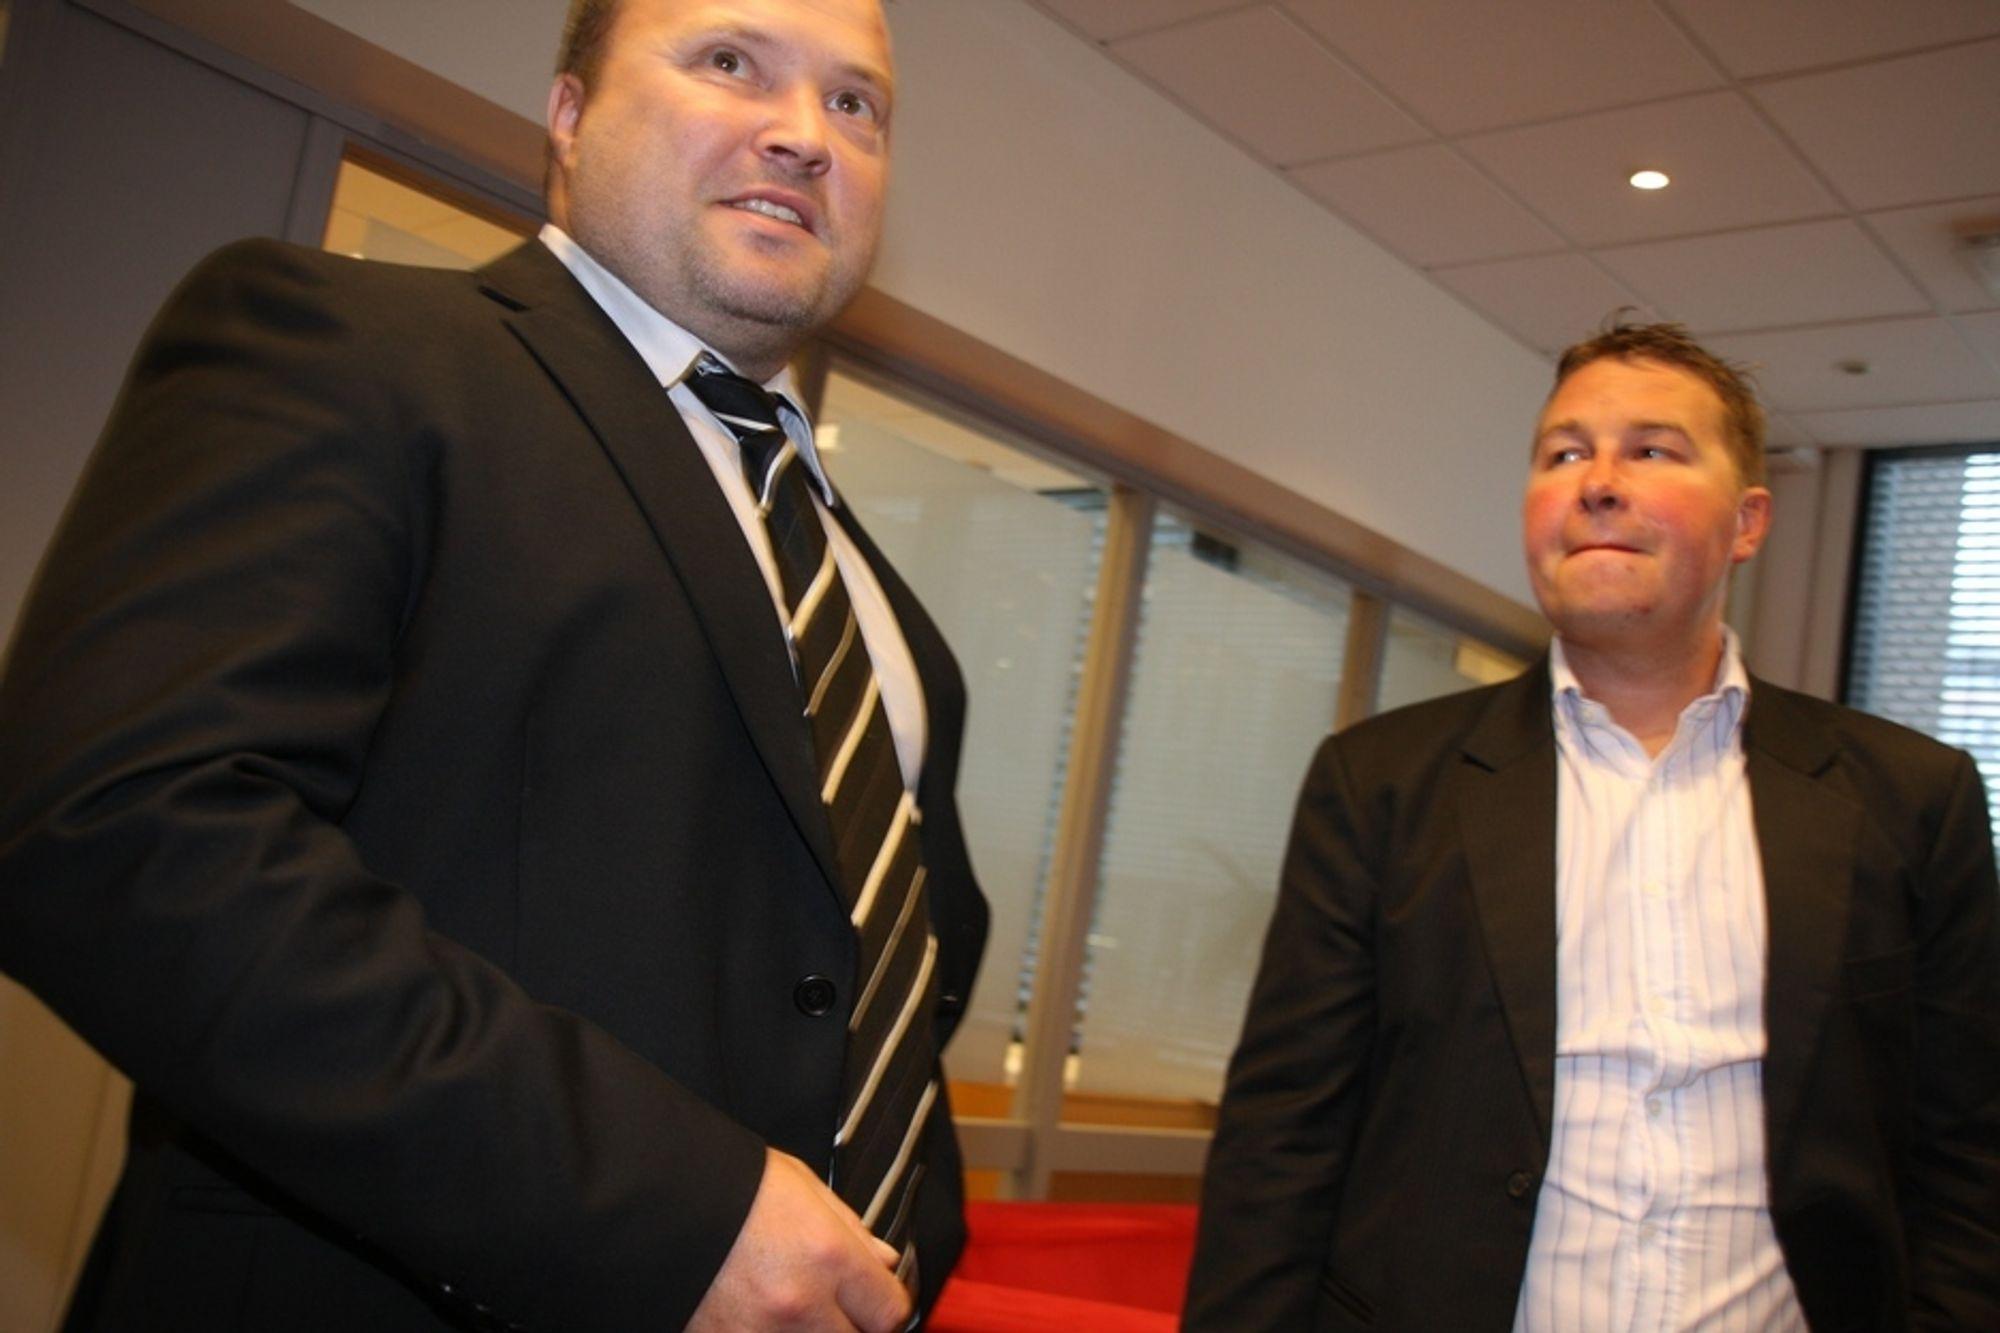 SAMMEN: Norgessjef Sverre Nymo hos  IBM Rational (t.v.) og testdirektør Håkan Fjeldstad hos Tieto Norge legger ikke skjul på at den nye testløsningen byr på utfordringer.